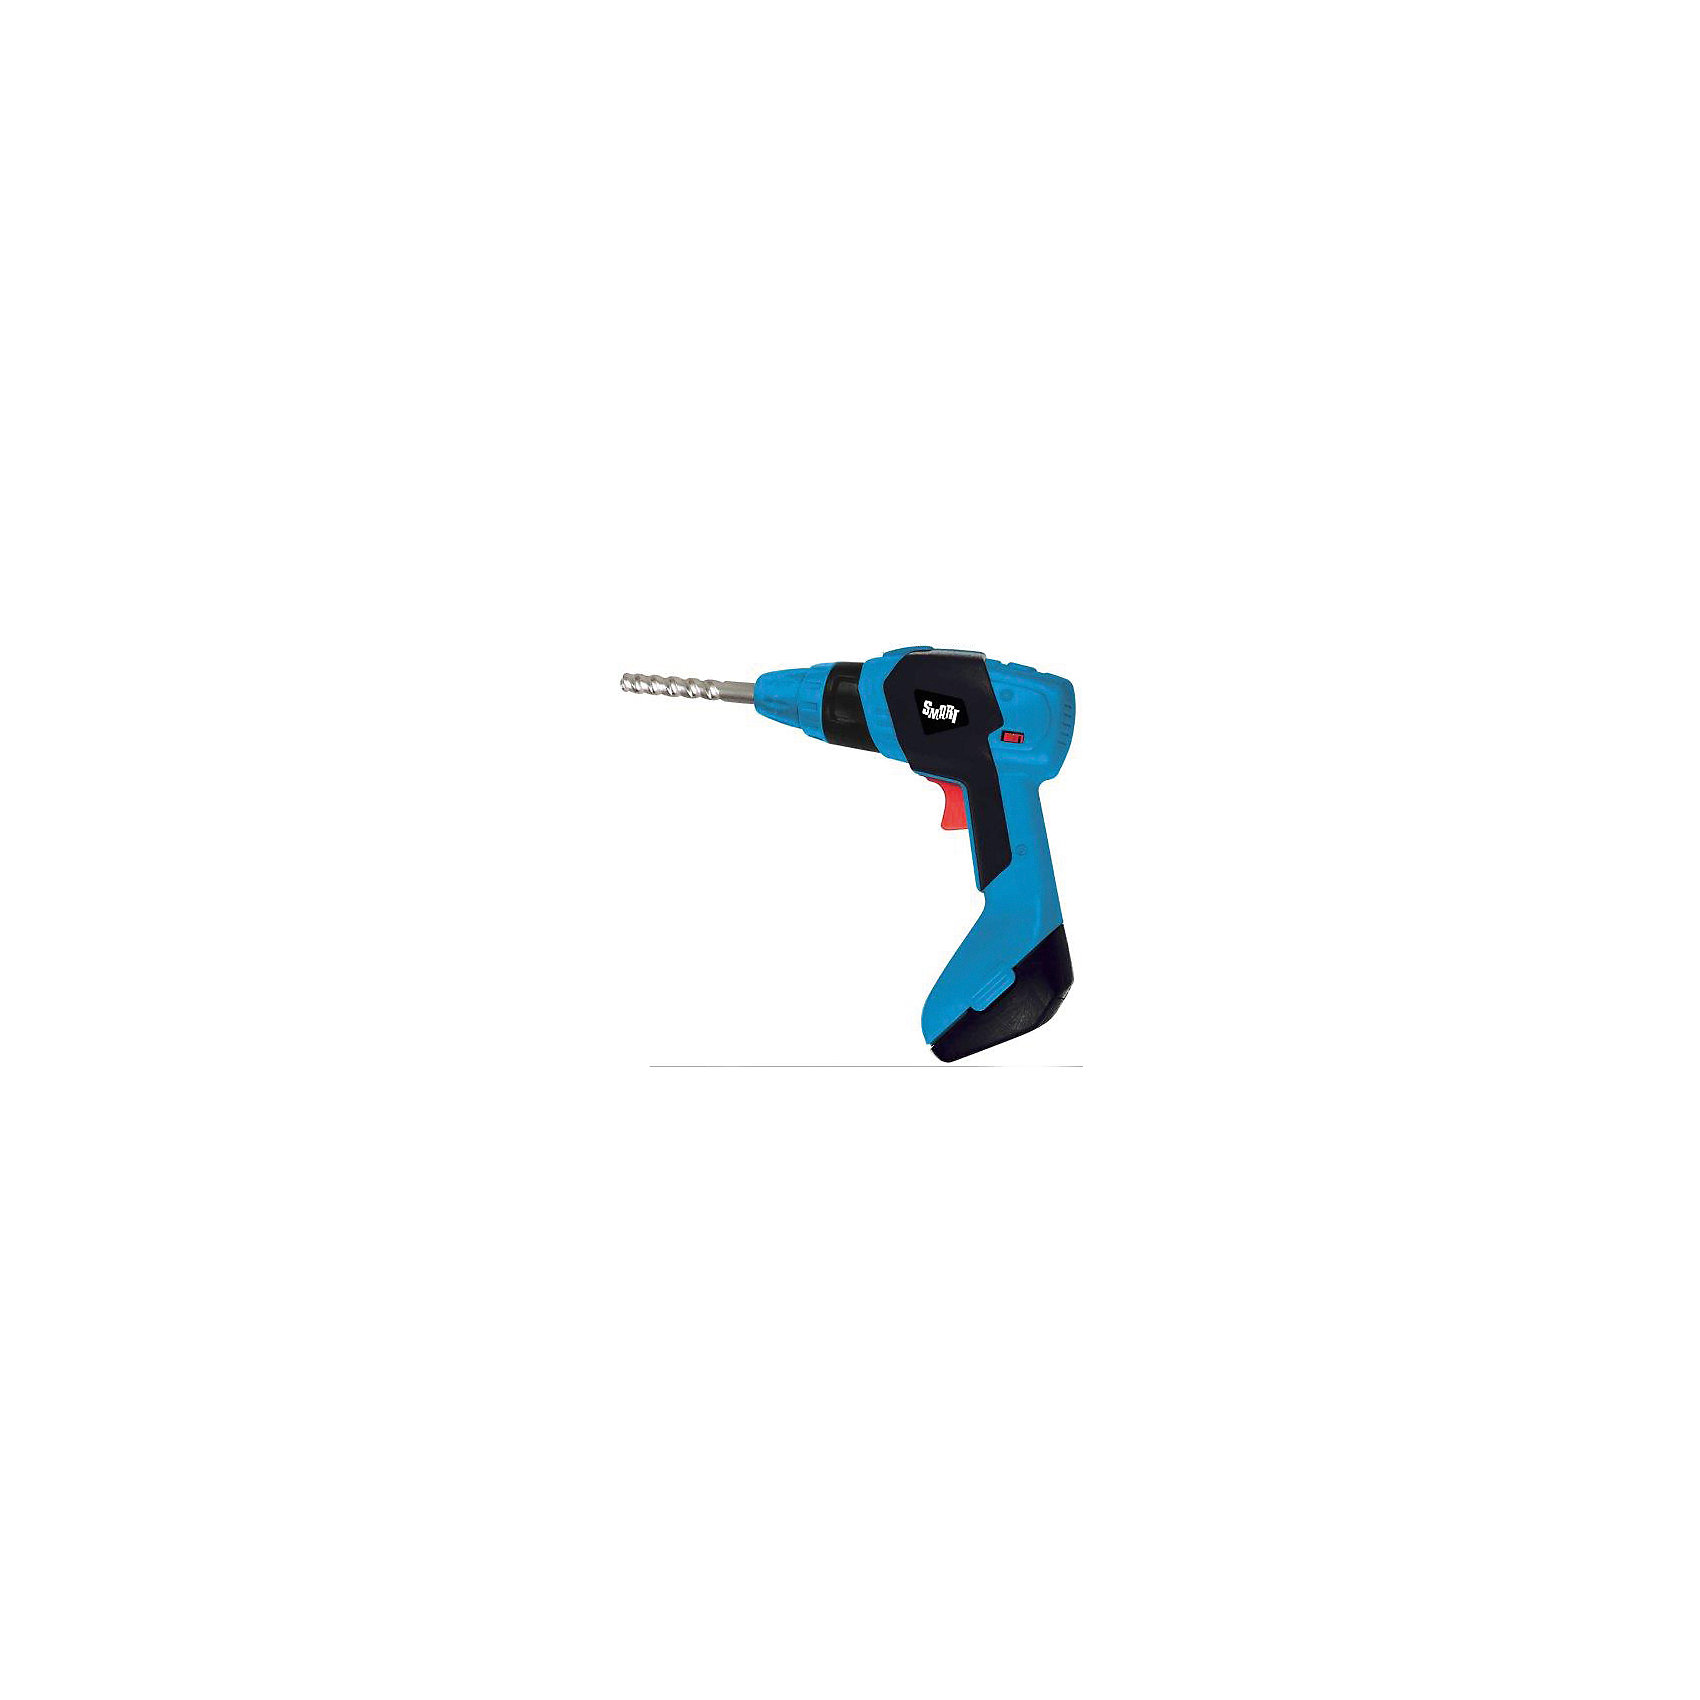 Дрель с набором сверл Smart, HTIМастерская и инструменты<br>Дрель с набором сверл Smart, HTI.<br><br>Характеристика: <br><br>• Материал: пластик. <br>• Размер упаковки: 25х22х6 см. <br>• Комплектация: дрель, сверла (3 шт.)<br>• Элемент питания: 2 батарейки типа 1,5V AA/LR6 (в комплект не входят).<br>• Яркий привлекательный дизайн.<br>• Звуковые эффекты. <br><br>Дрель с набором сверл Smart станет настоящей находкой для вашего юного строителя! Инструмент прекрасно детализирован и очень похож на настоящий. Нажав на кнопку, можно услышать реалистичные звуки и вибрации. Игрушка изготовлена из прочного высококачественного пластика безопасного для детей. <br><br>Дрель с набором сверл Smart, HTI, можно купить в нашем интернет-магазине.<br><br>Ширина мм: 250<br>Глубина мм: 220<br>Высота мм: 60<br>Вес г: 300<br>Возраст от месяцев: 36<br>Возраст до месяцев: 168<br>Пол: Мужской<br>Возраст: Детский<br>SKU: 5366547